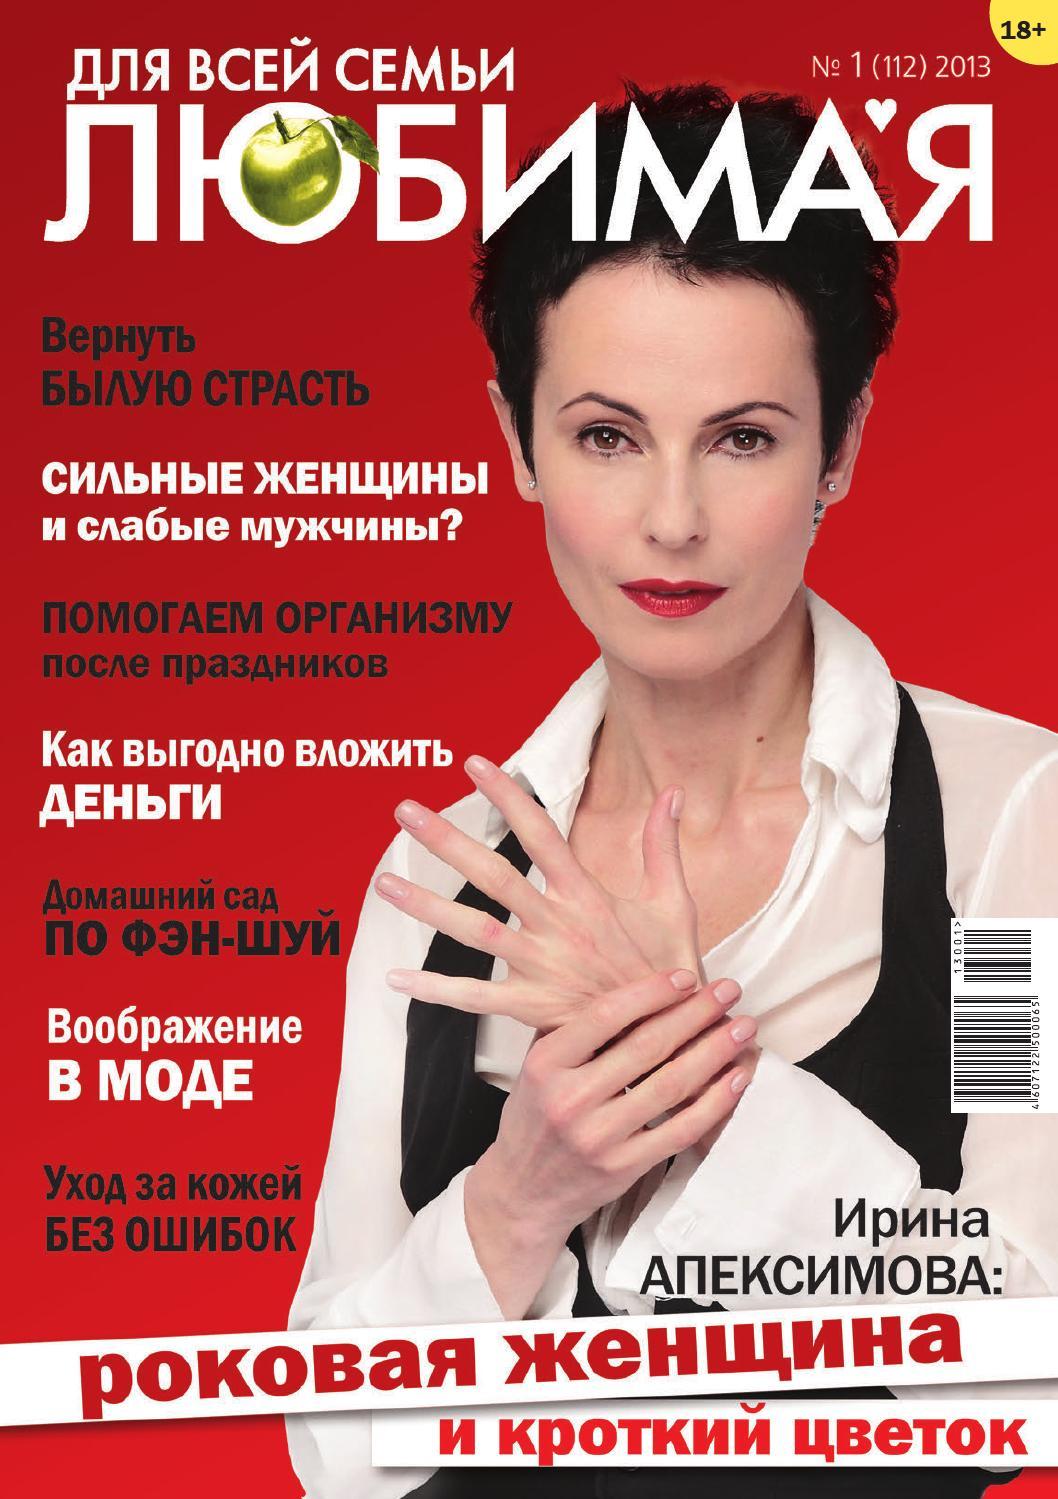 votknul-huy-do-samih-kishkov-porno-elegantnaya-dama-masturbiruet